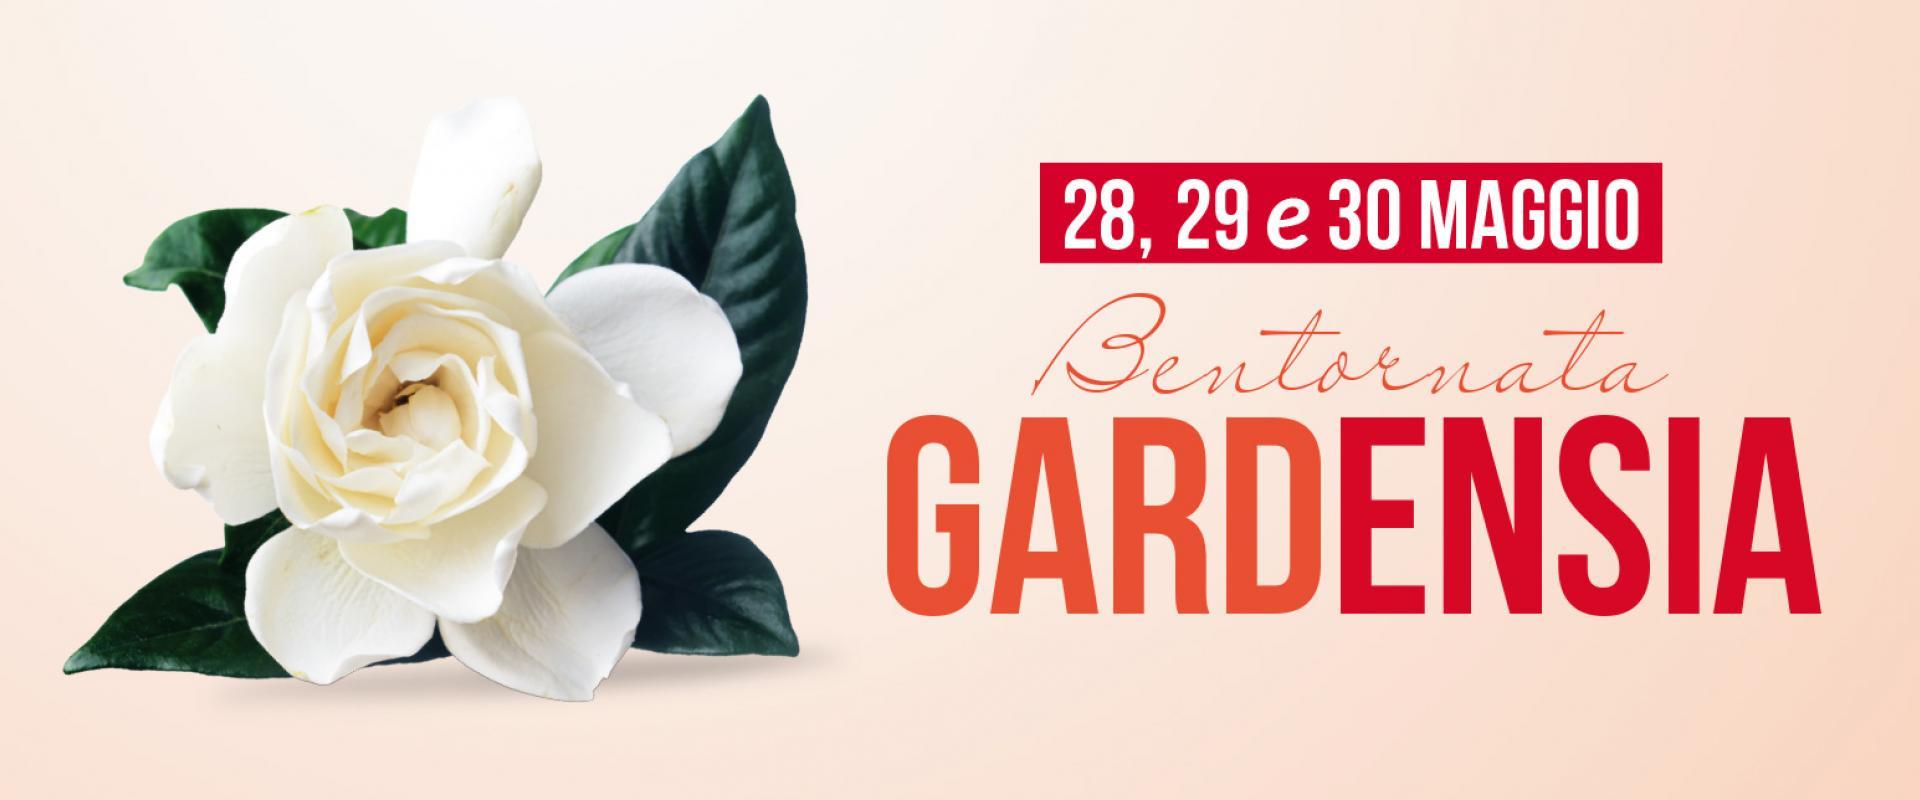 Bentornata Gardensia